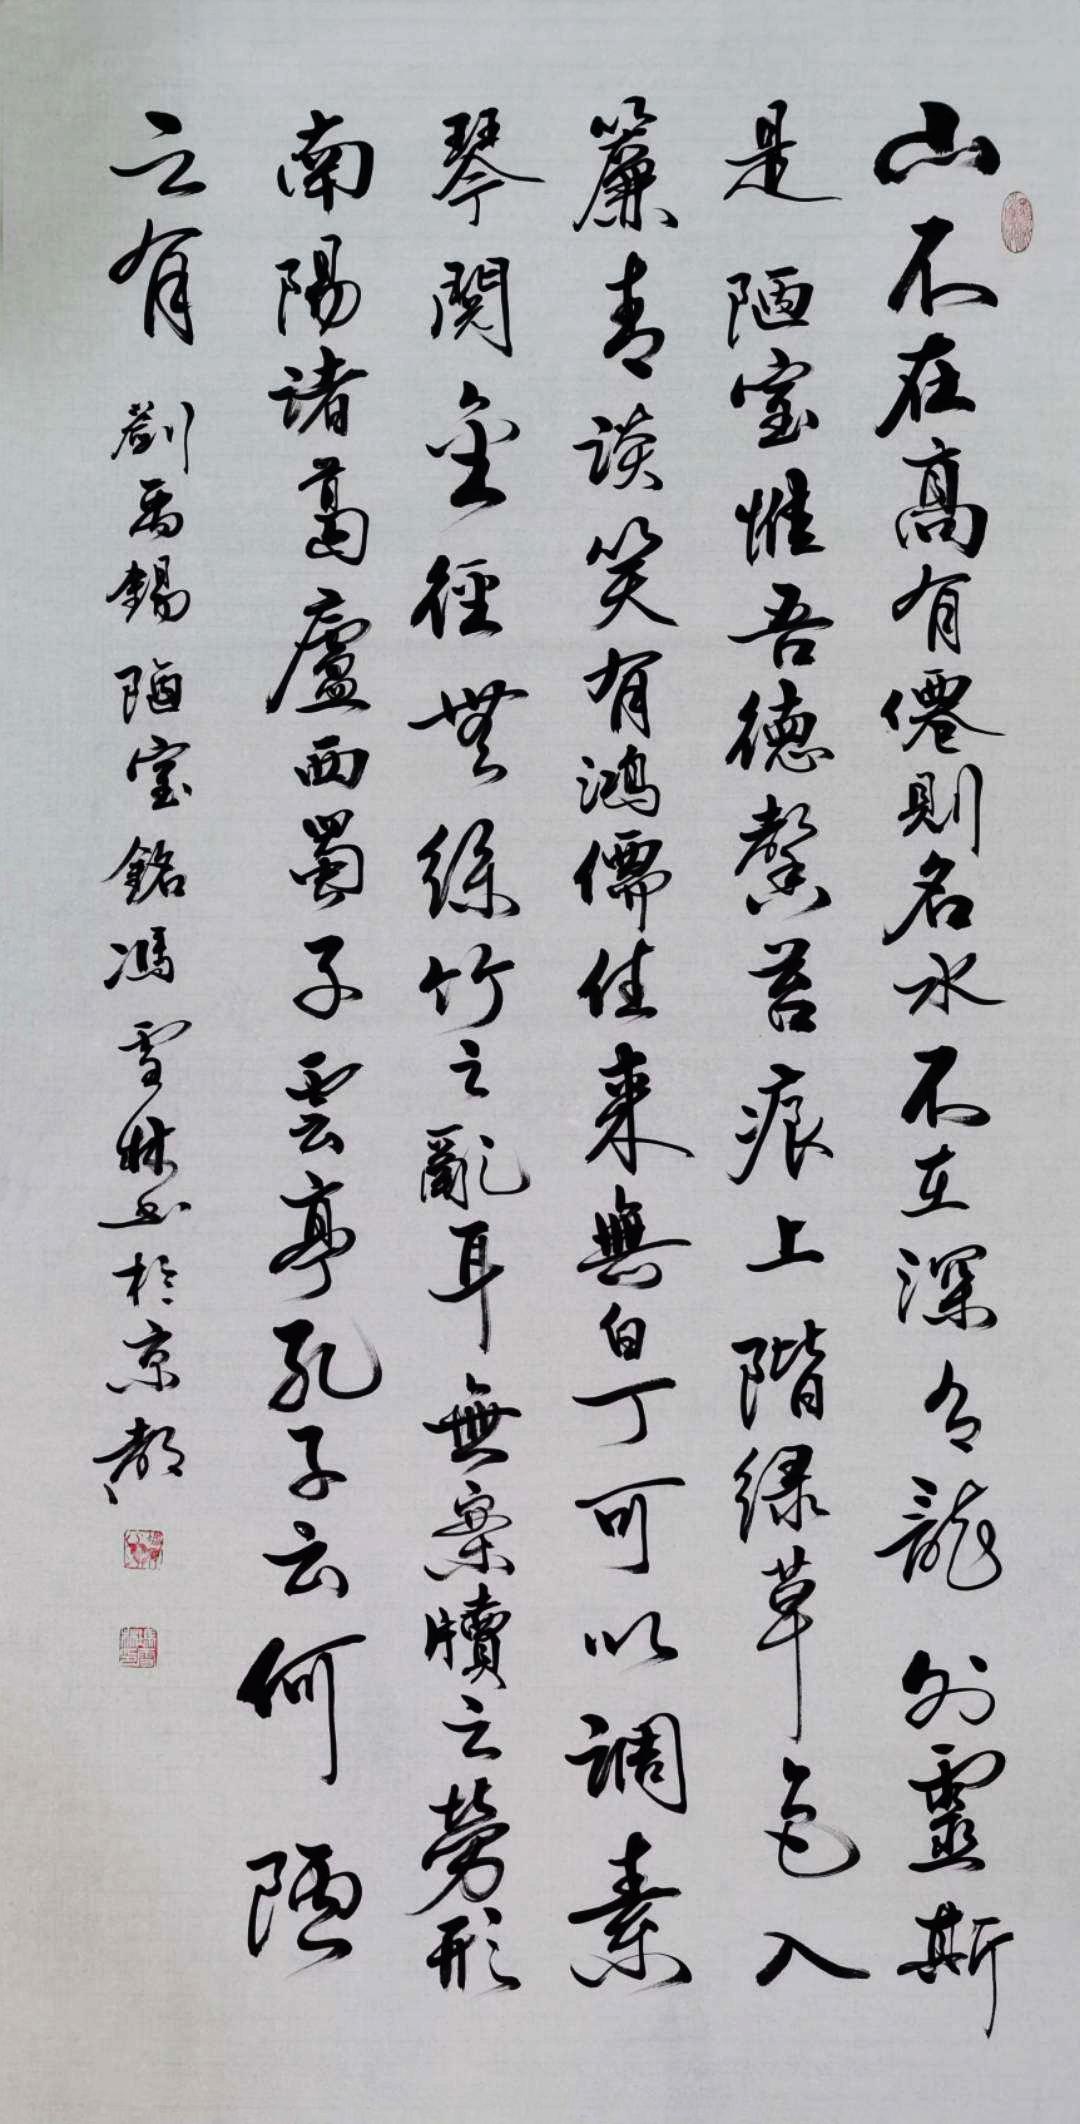 刘禹锡《陋室铭》行书书法作品